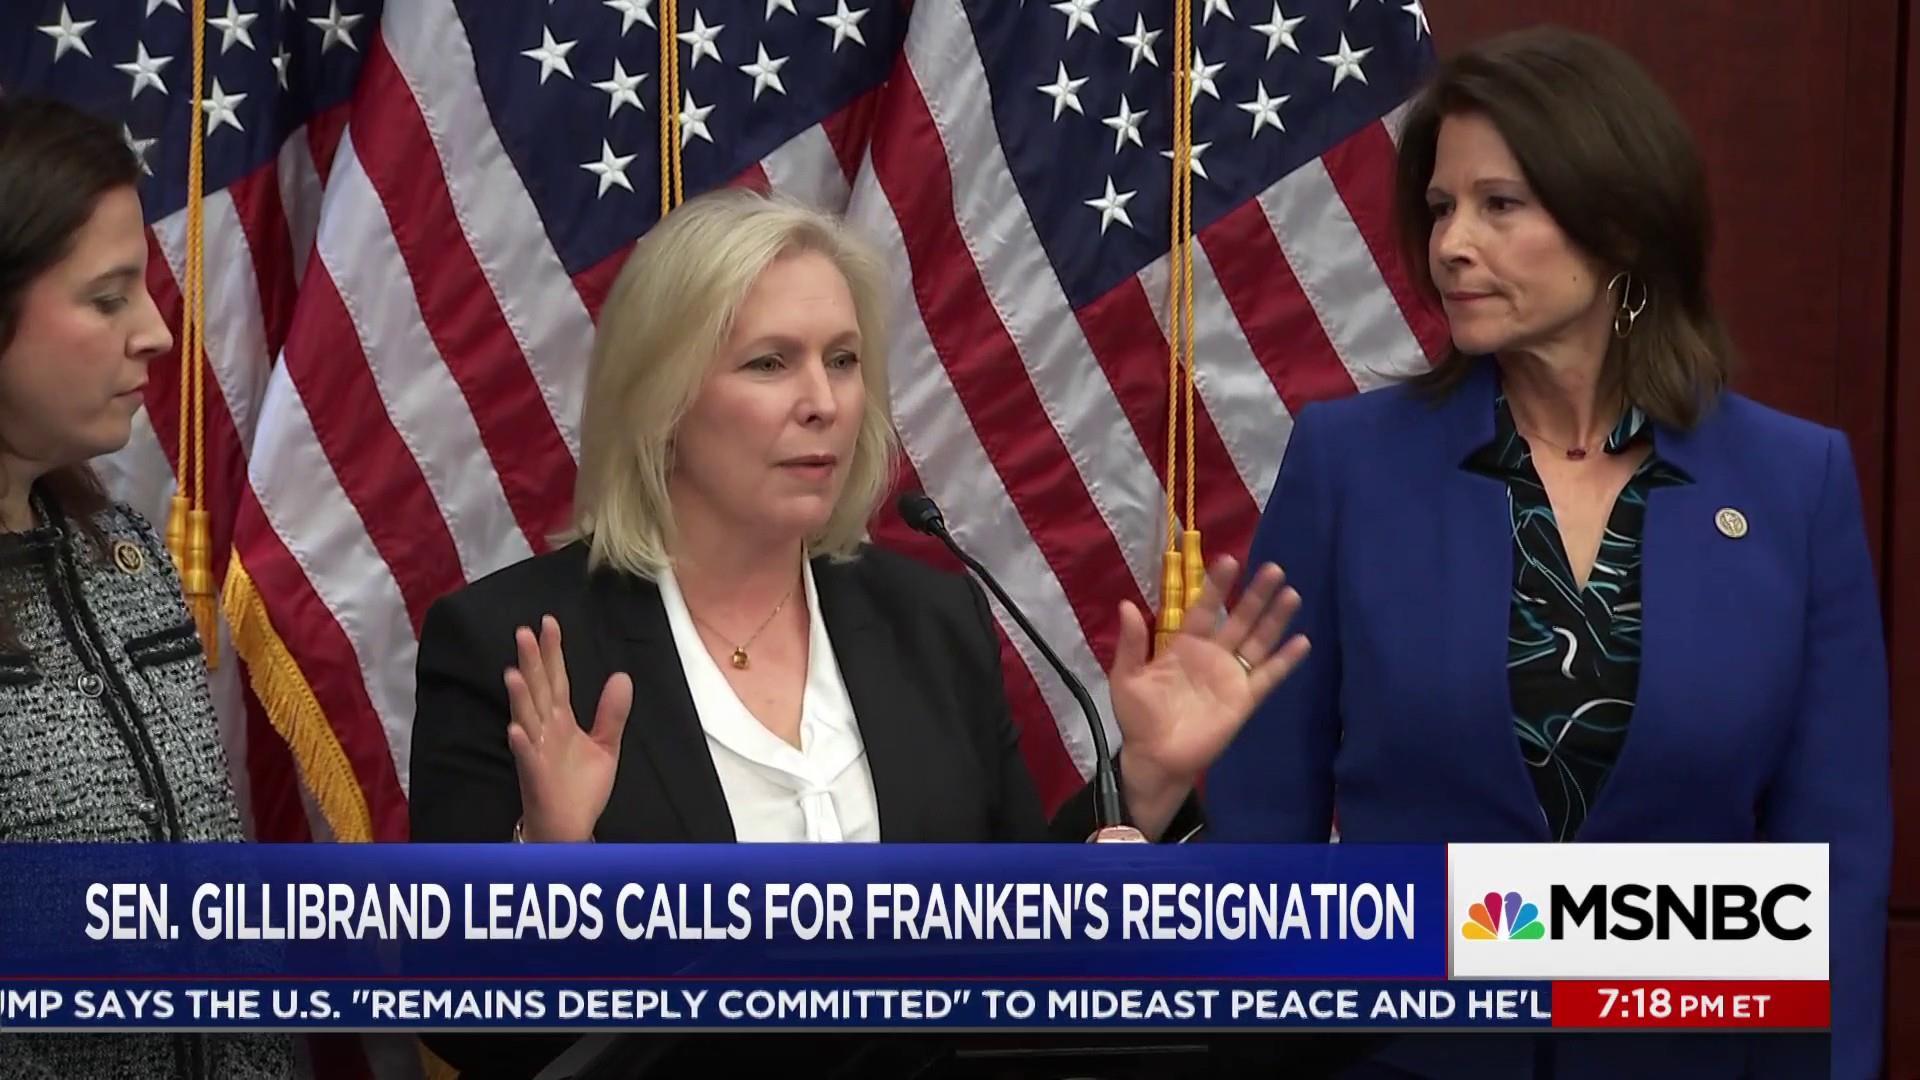 Senators call on Al Franken to resign